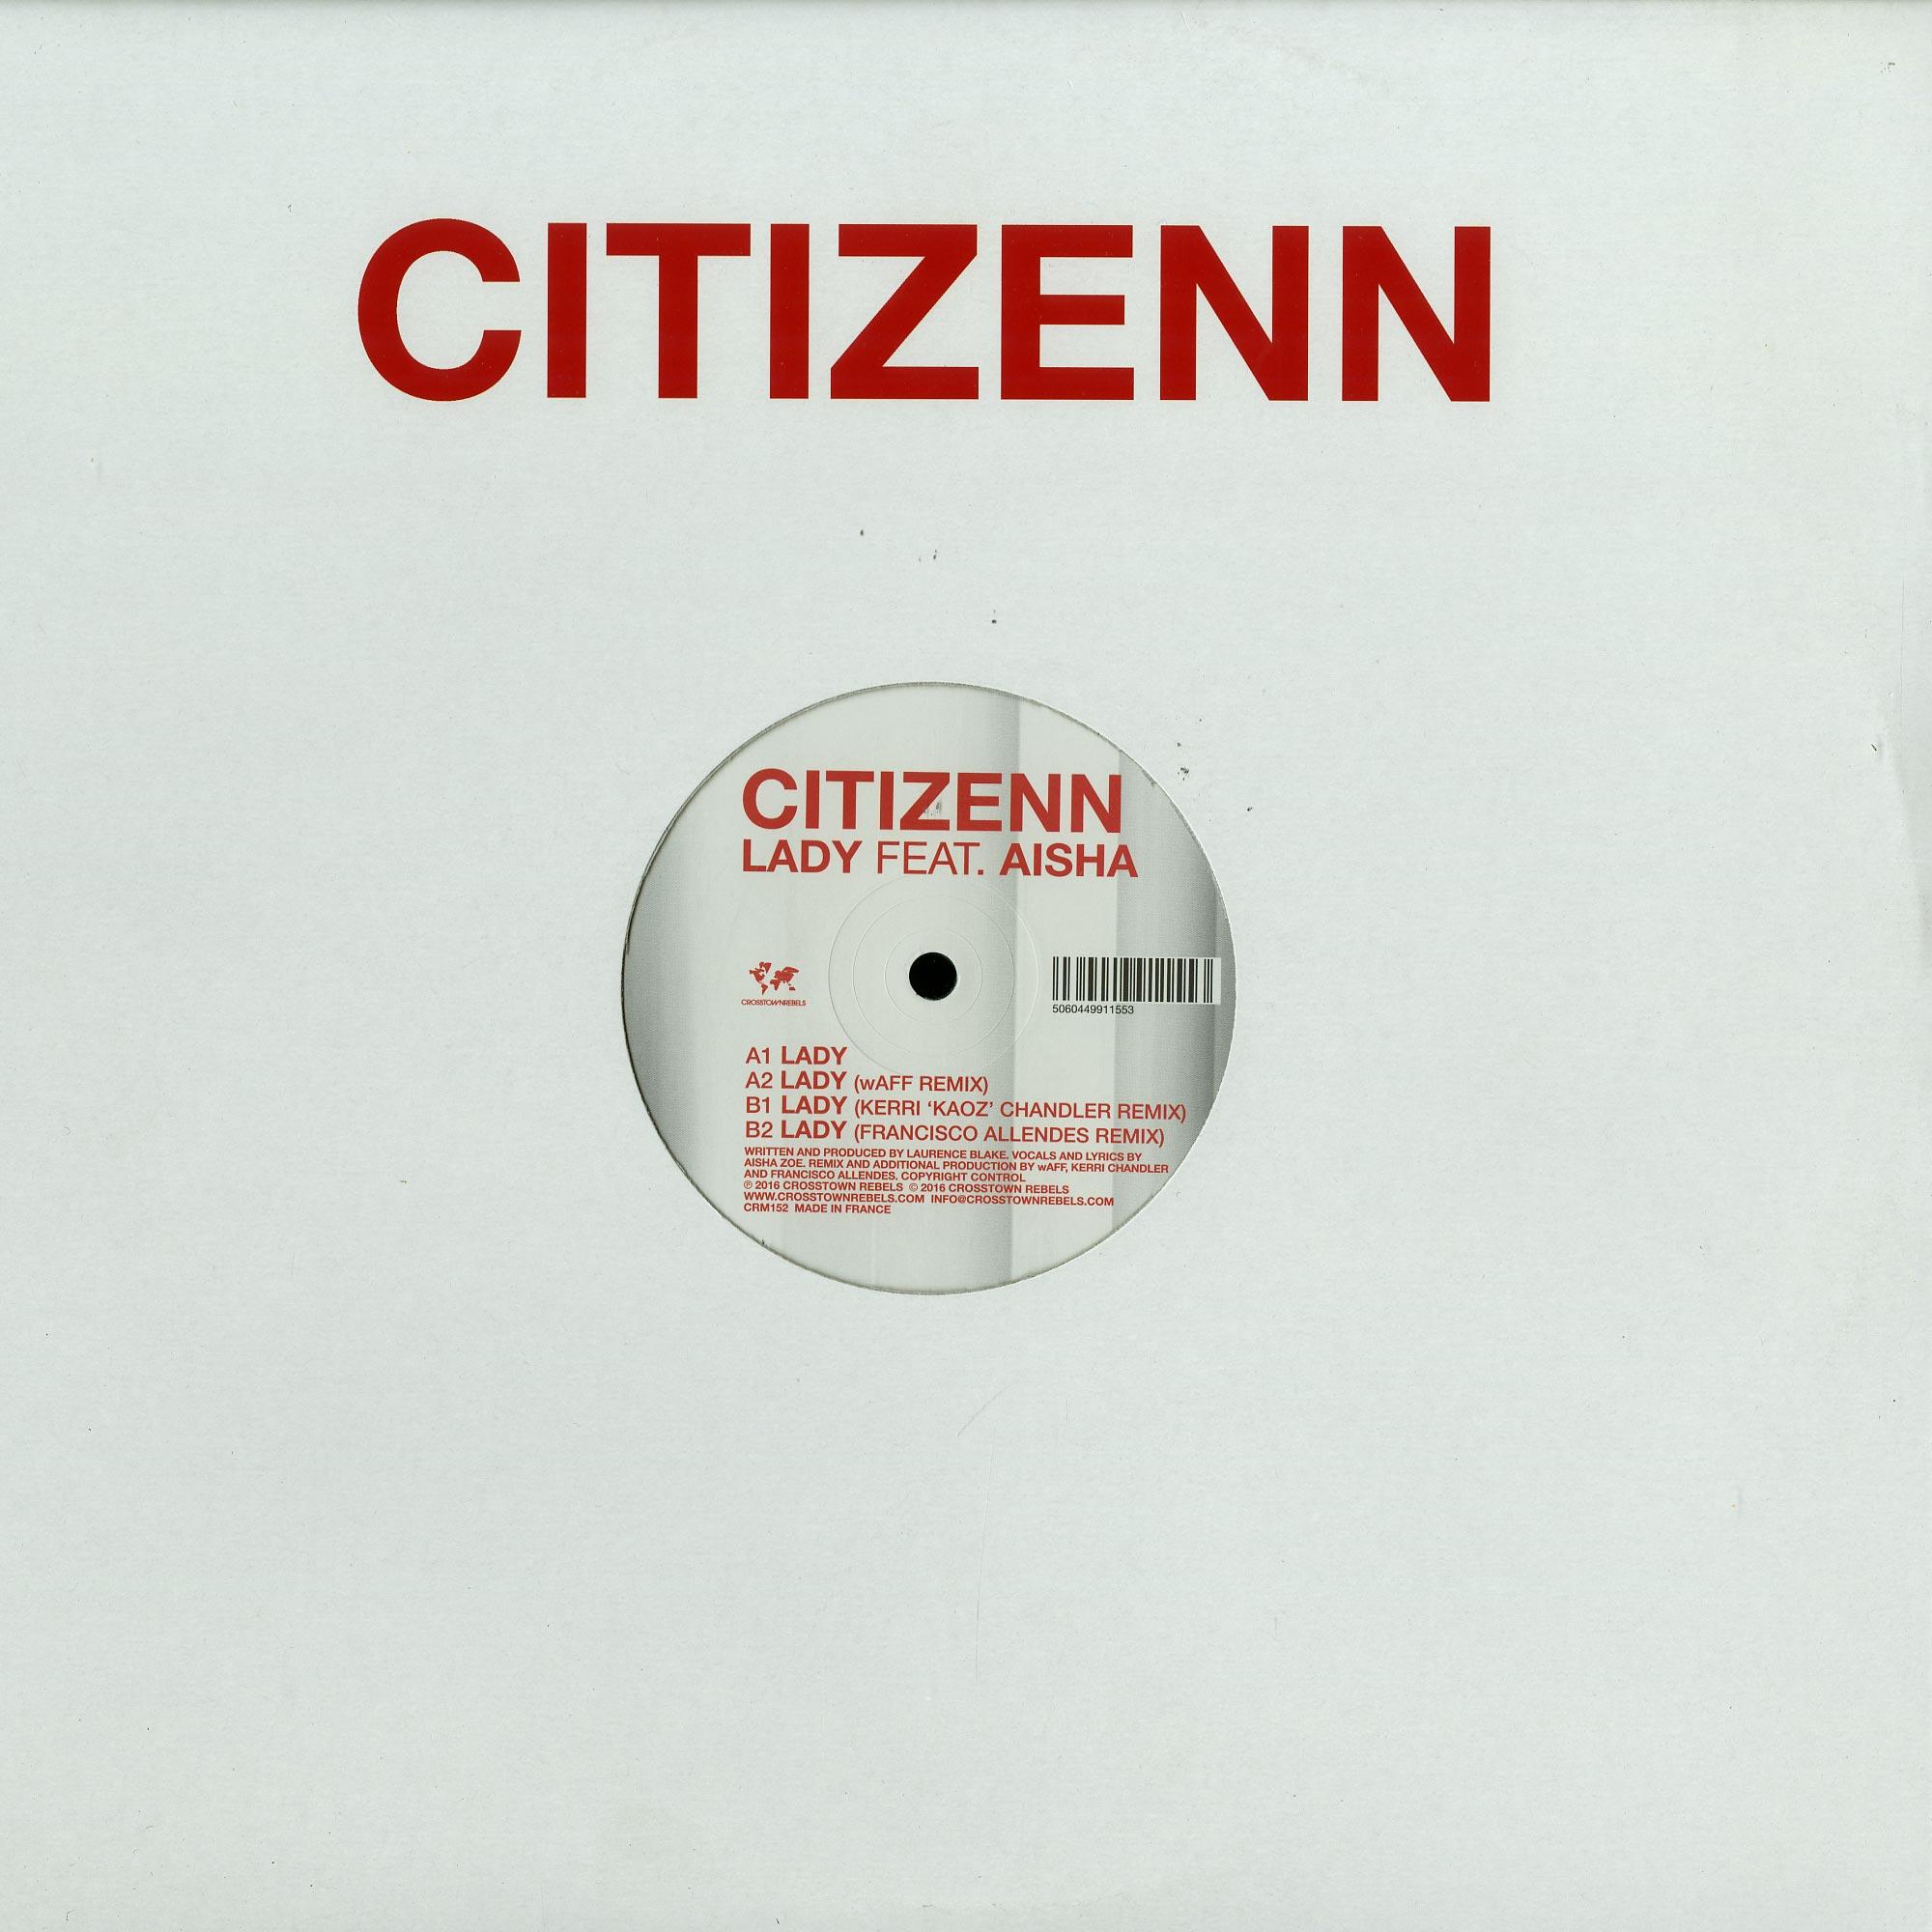 Citizenn feat. Aisha - LADY